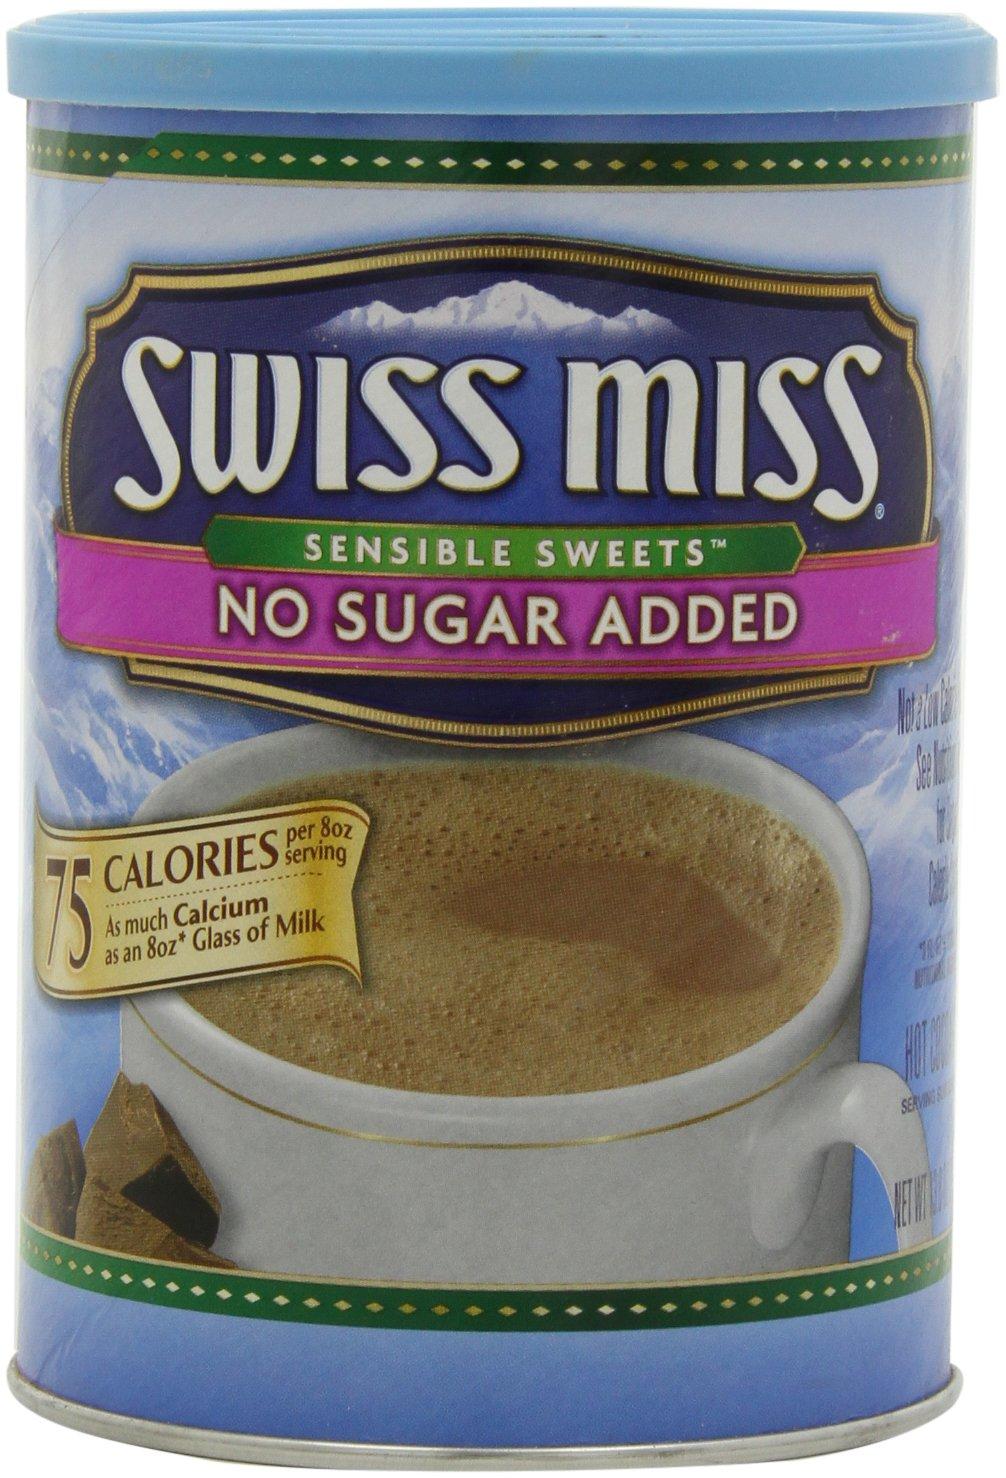 Amazon.com : Swiss Miss Hot Cocoa Mix, Sensible Sweets, No Sugar ...